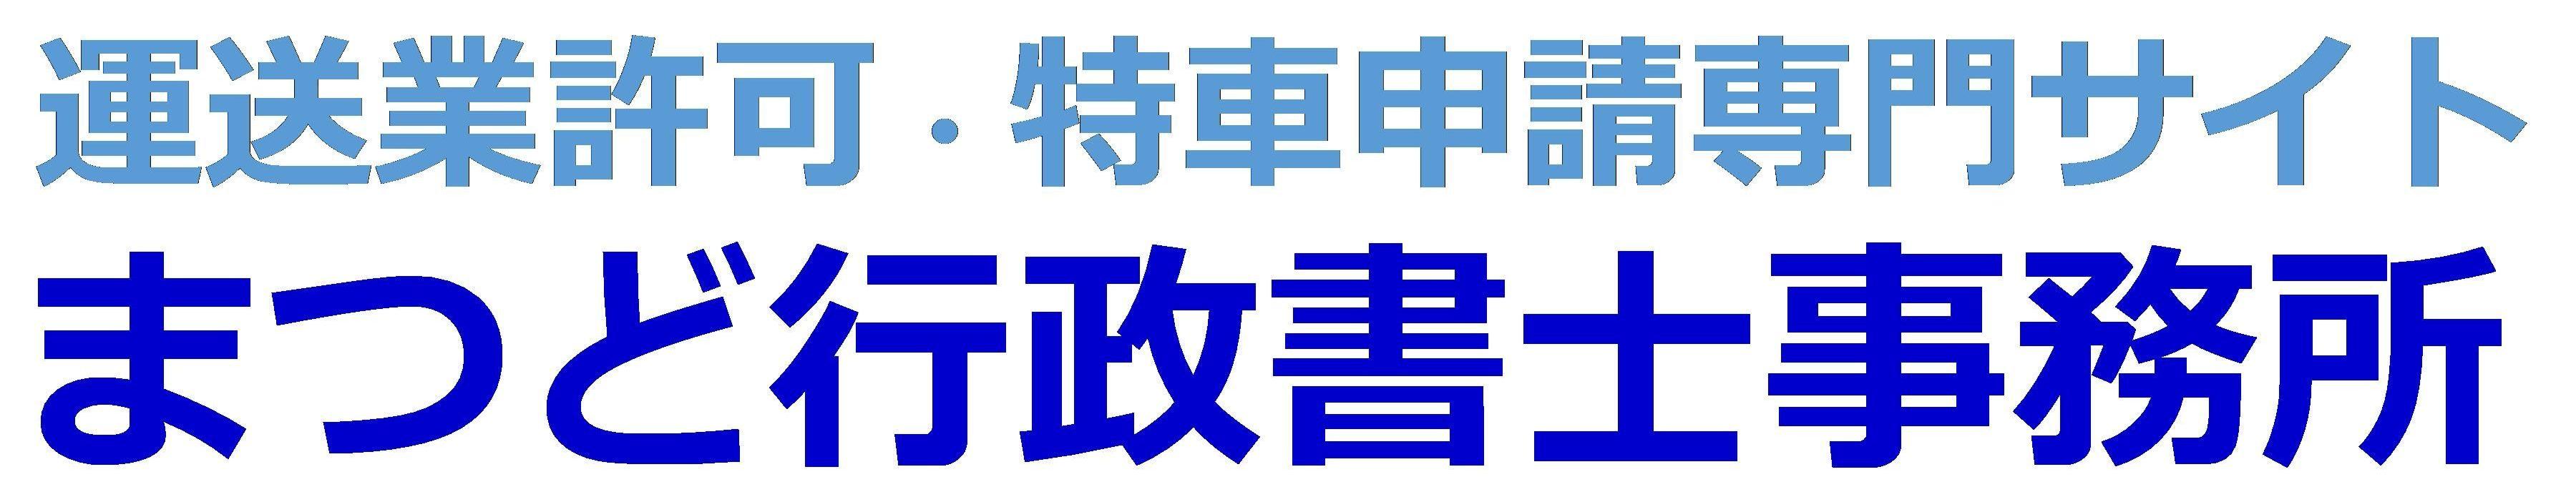 運送業・特車のまつど行政書士事務所(千葉県松戸市)